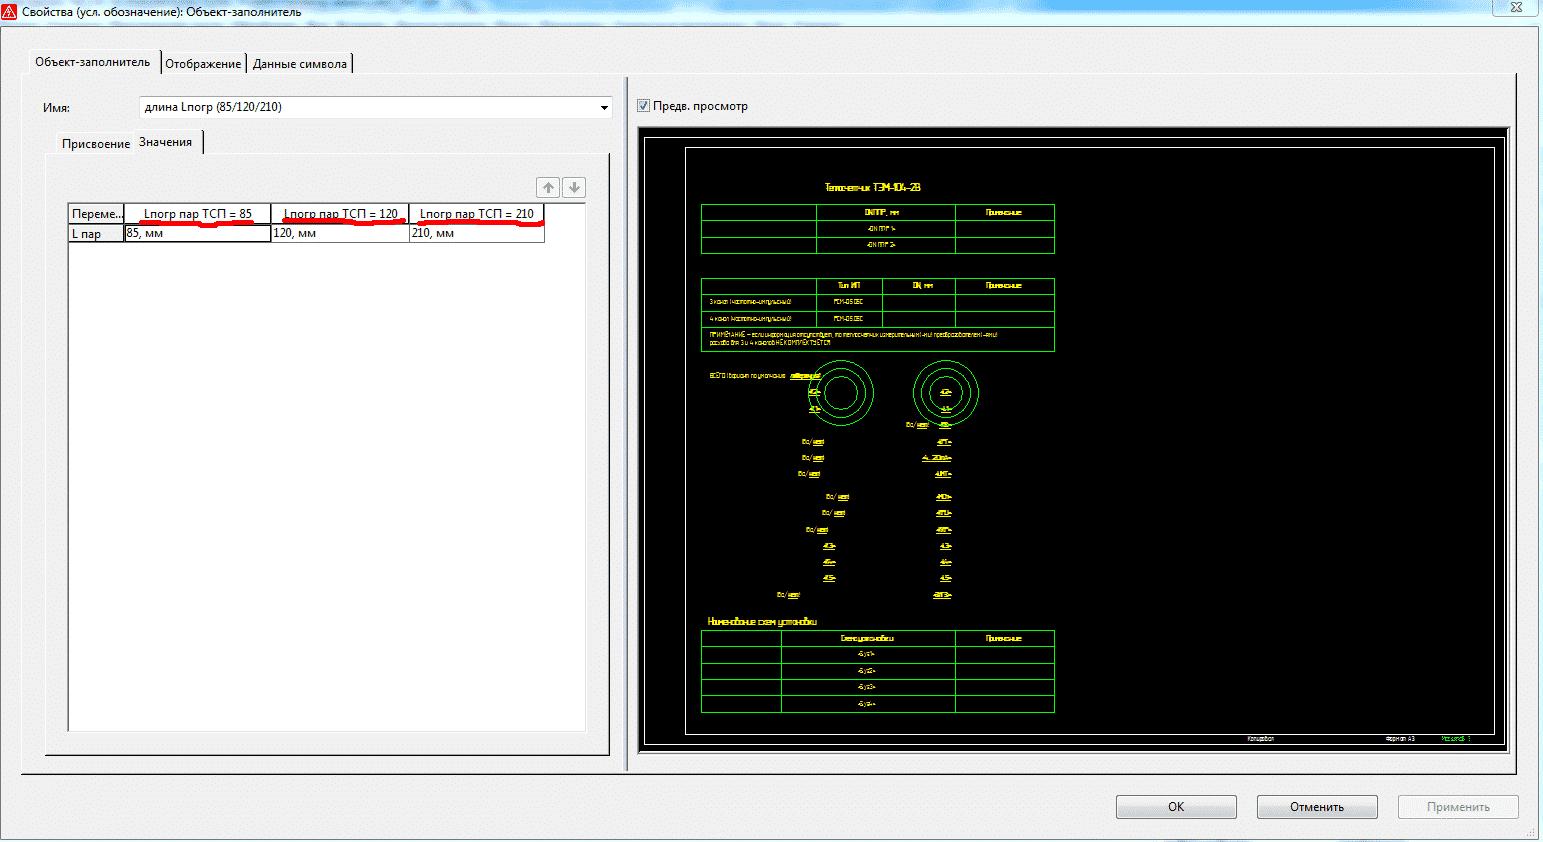 Названия значений переменной объекта-заполнителя